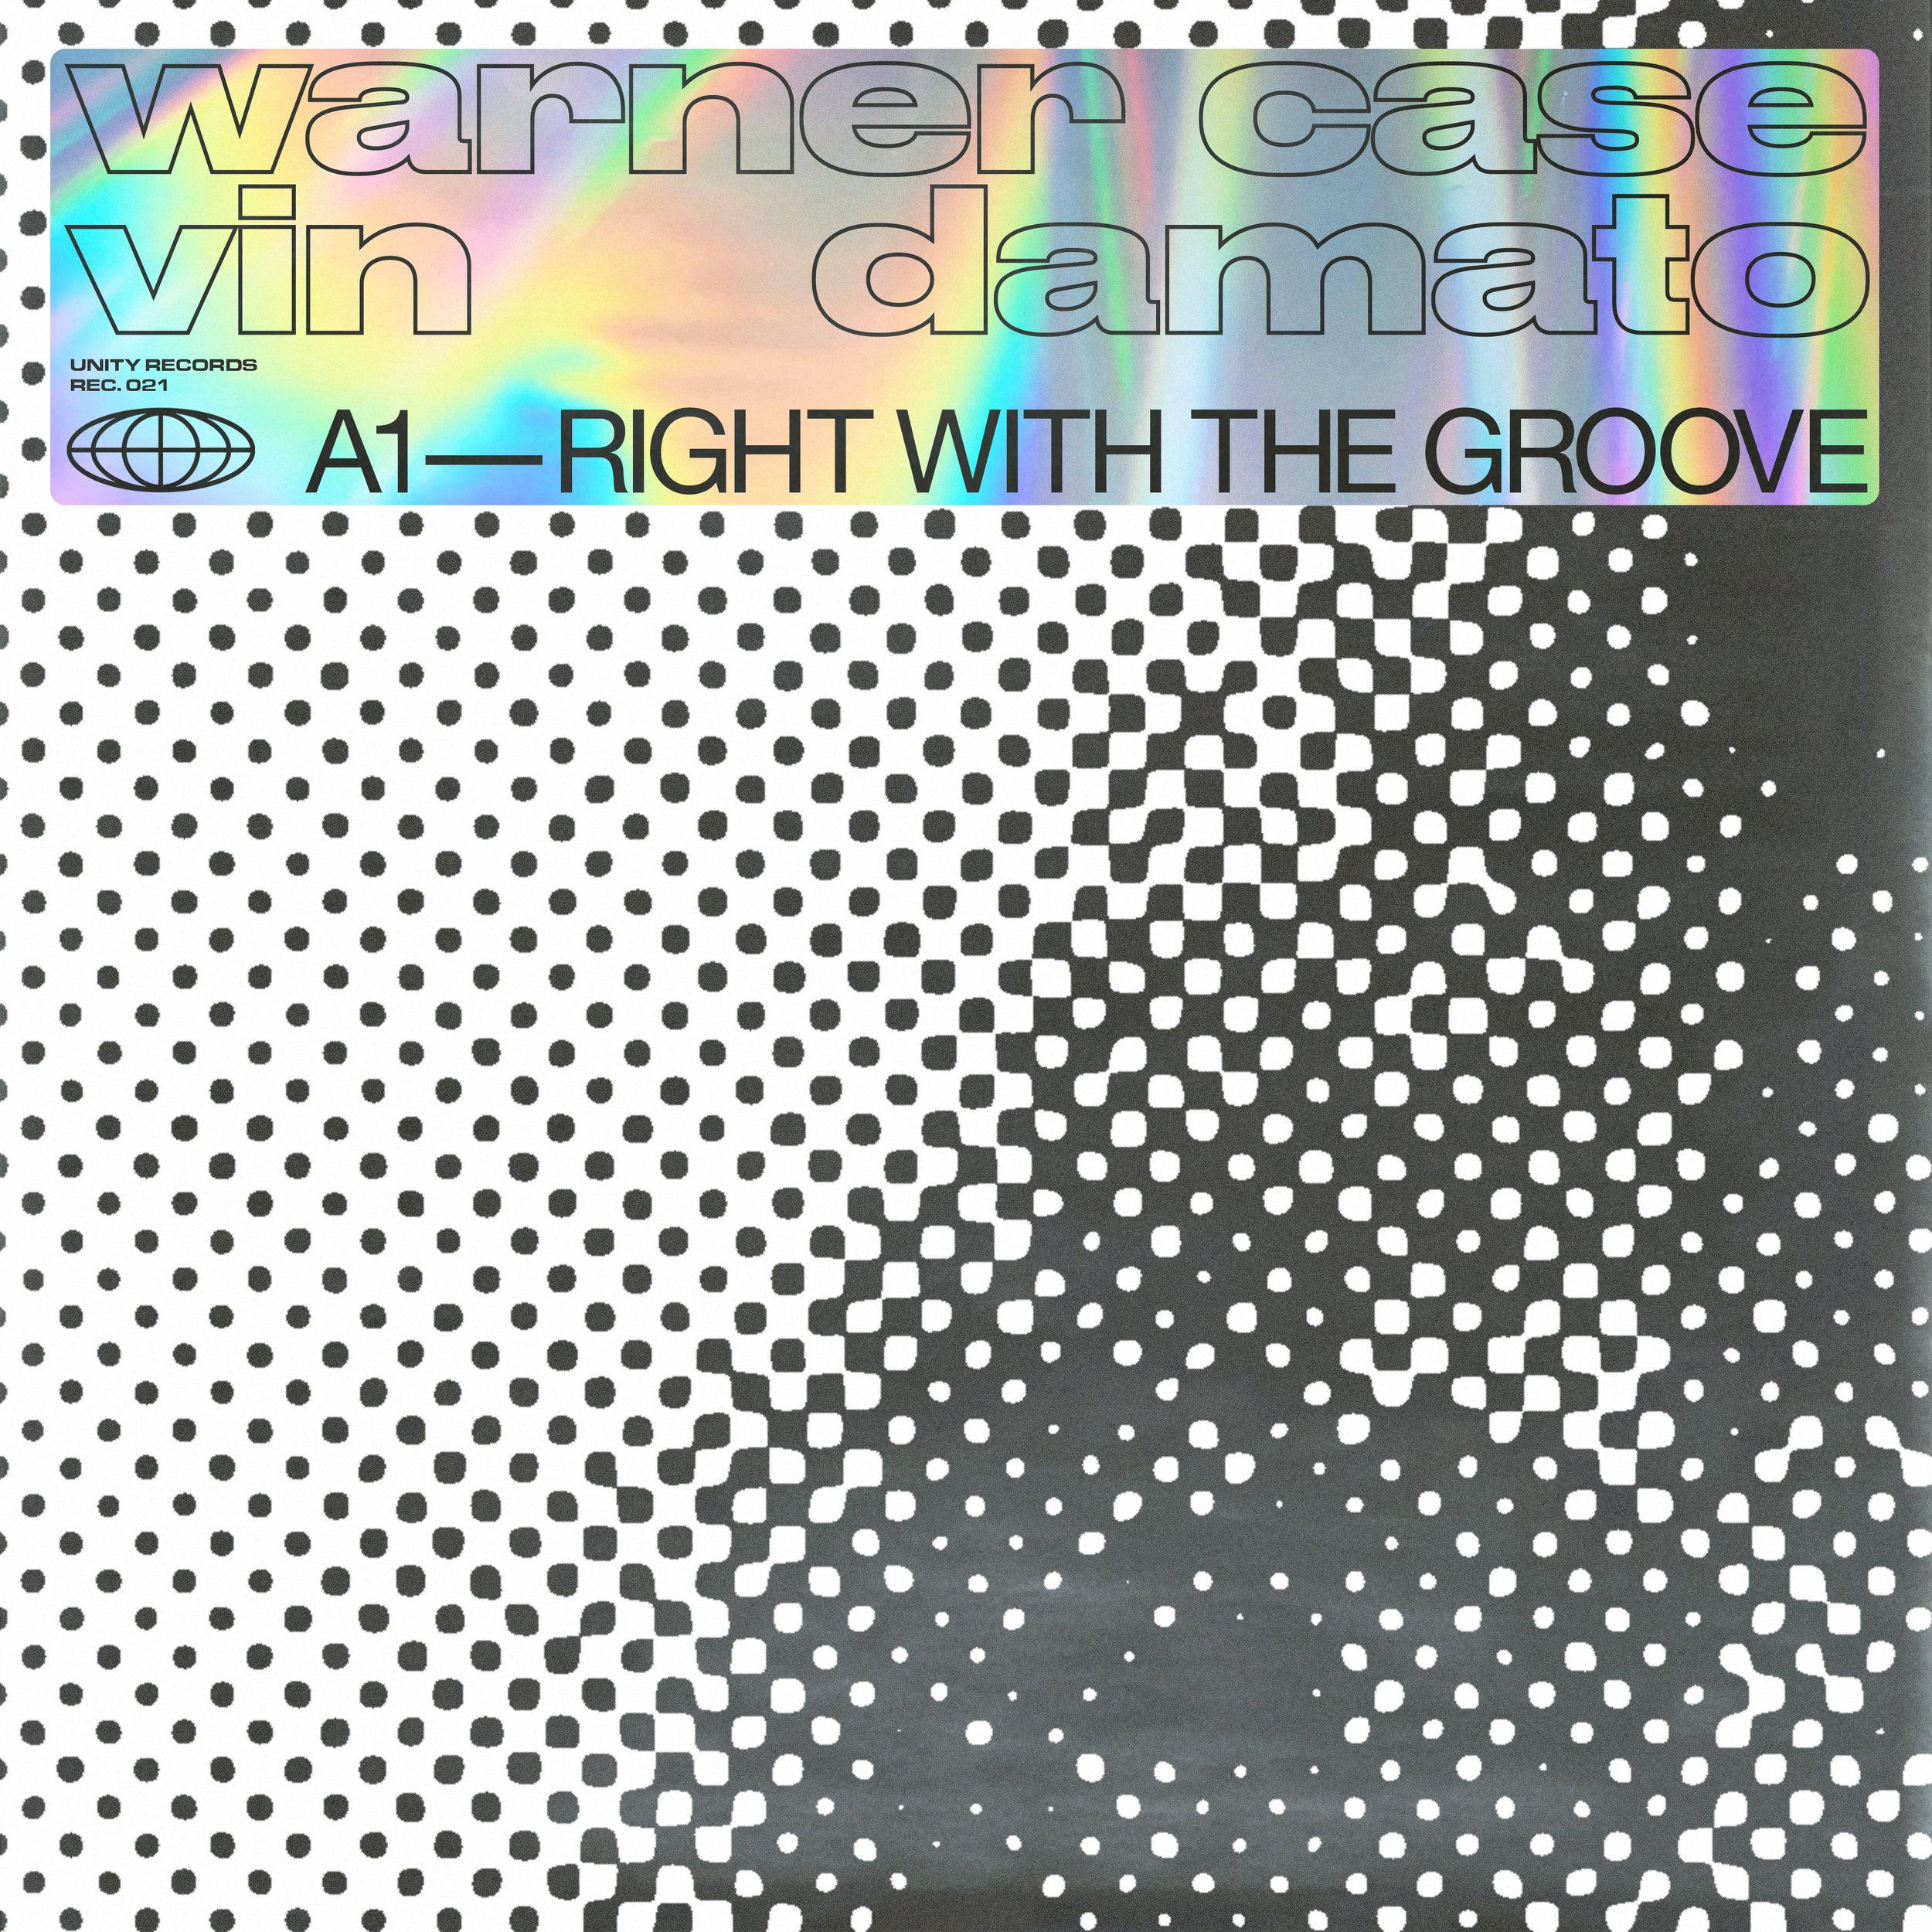 warner case new single cover for web.jpg